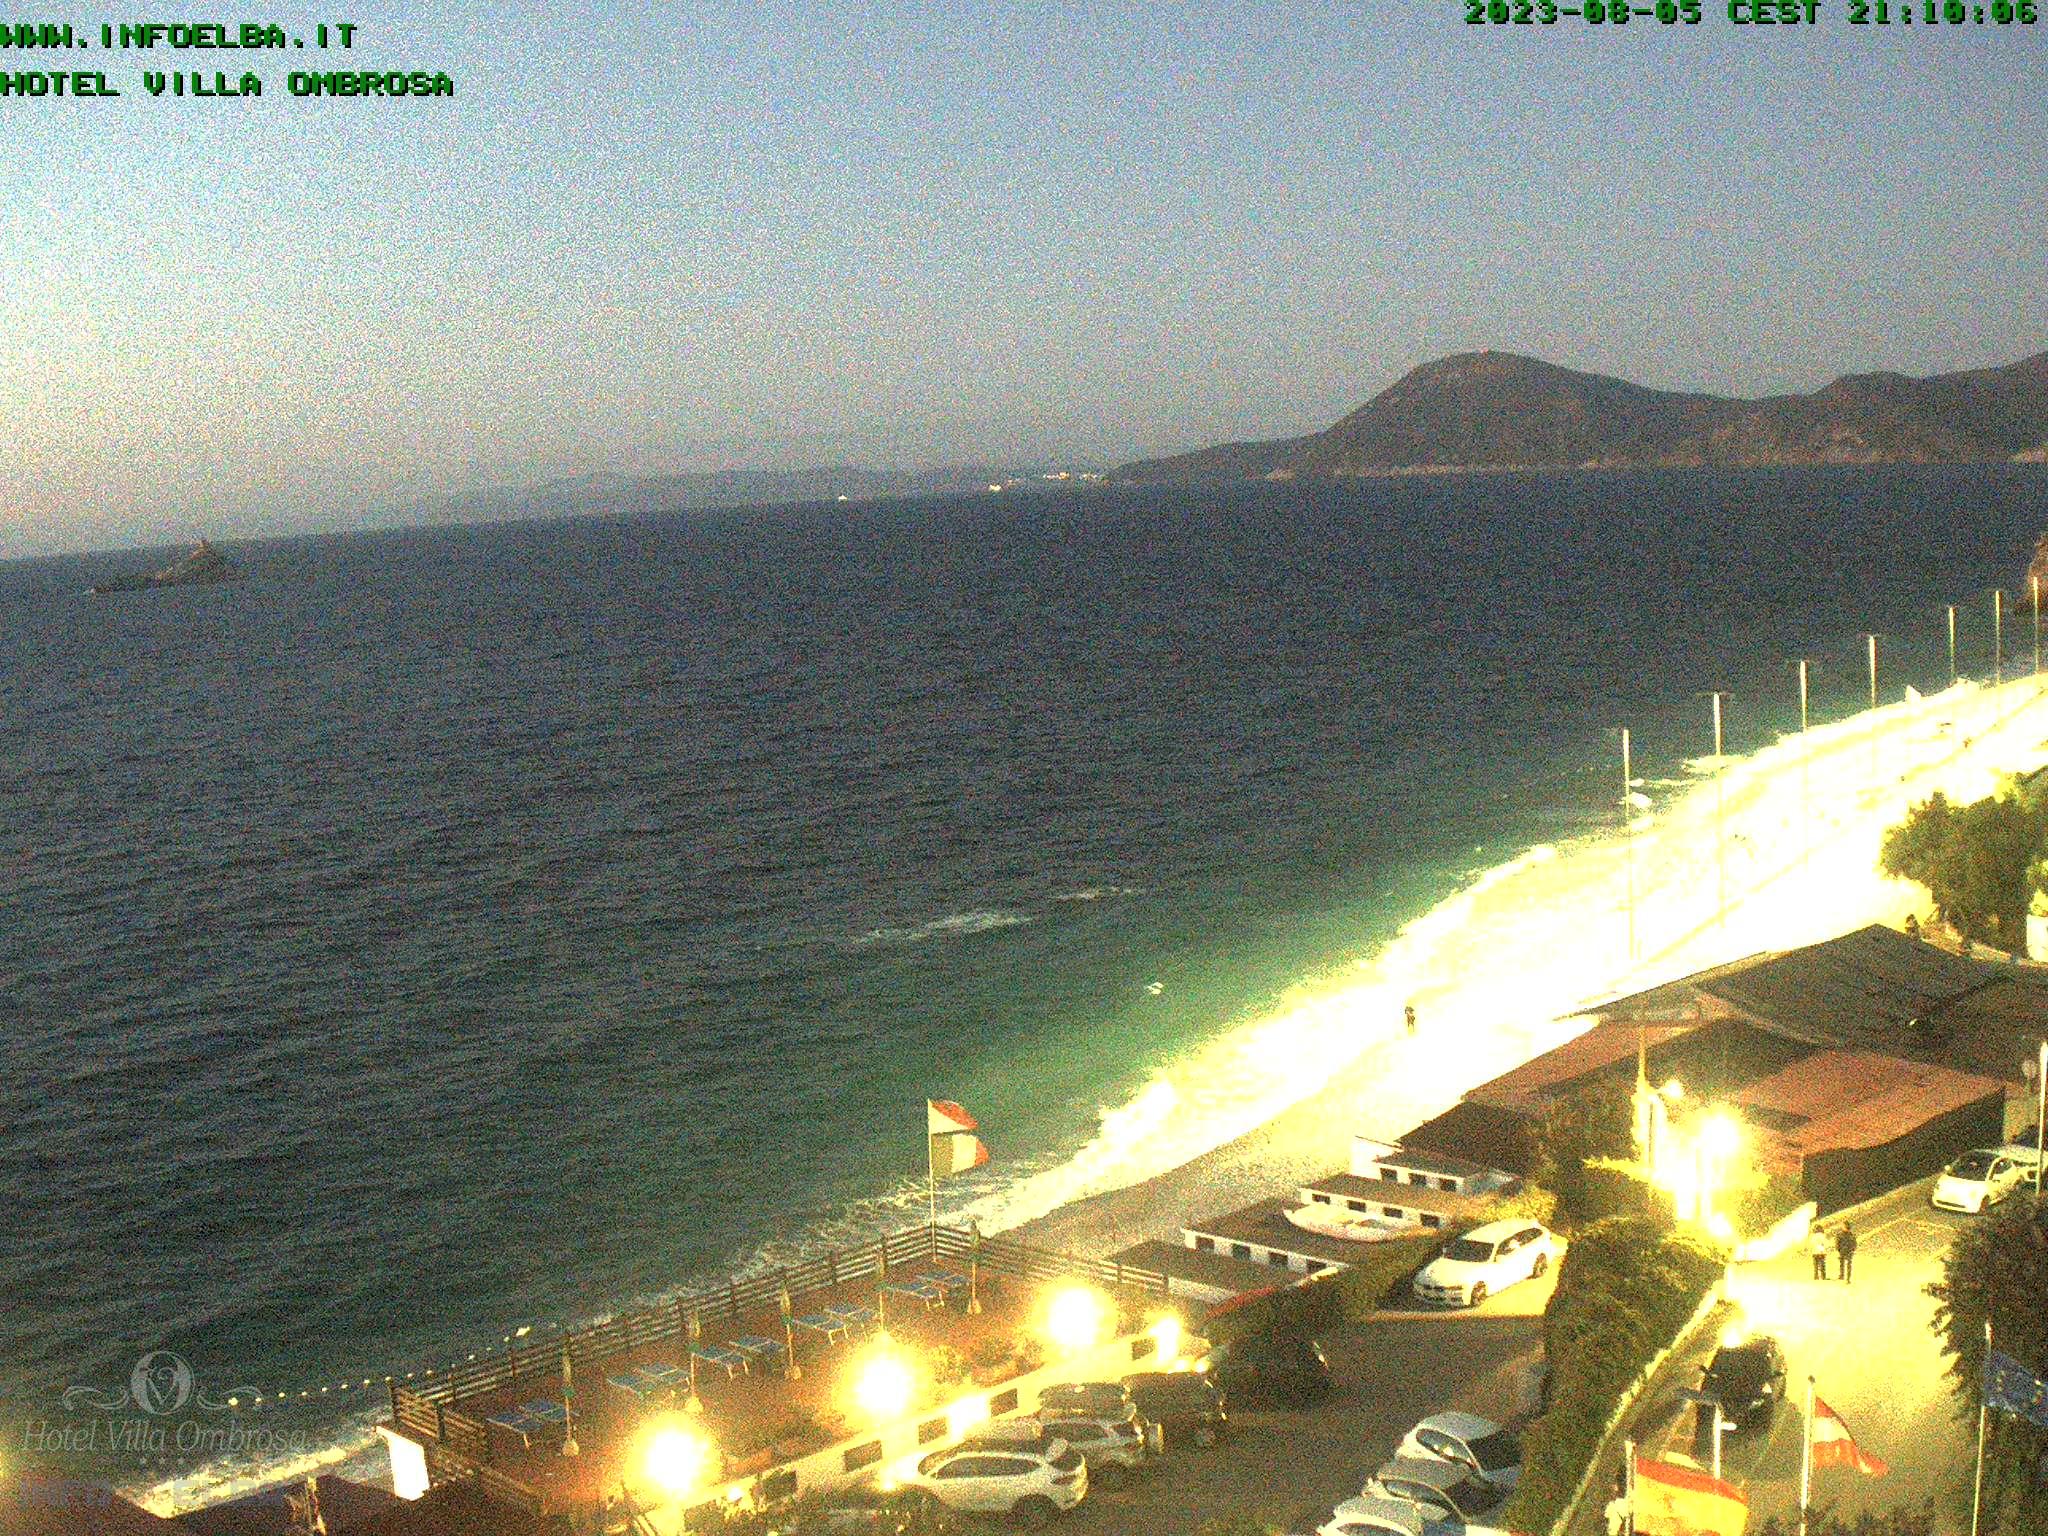 immagini della webcam sulla spiaggia de Le Ghiaie a Portoferraio - Isola d'Elba align=